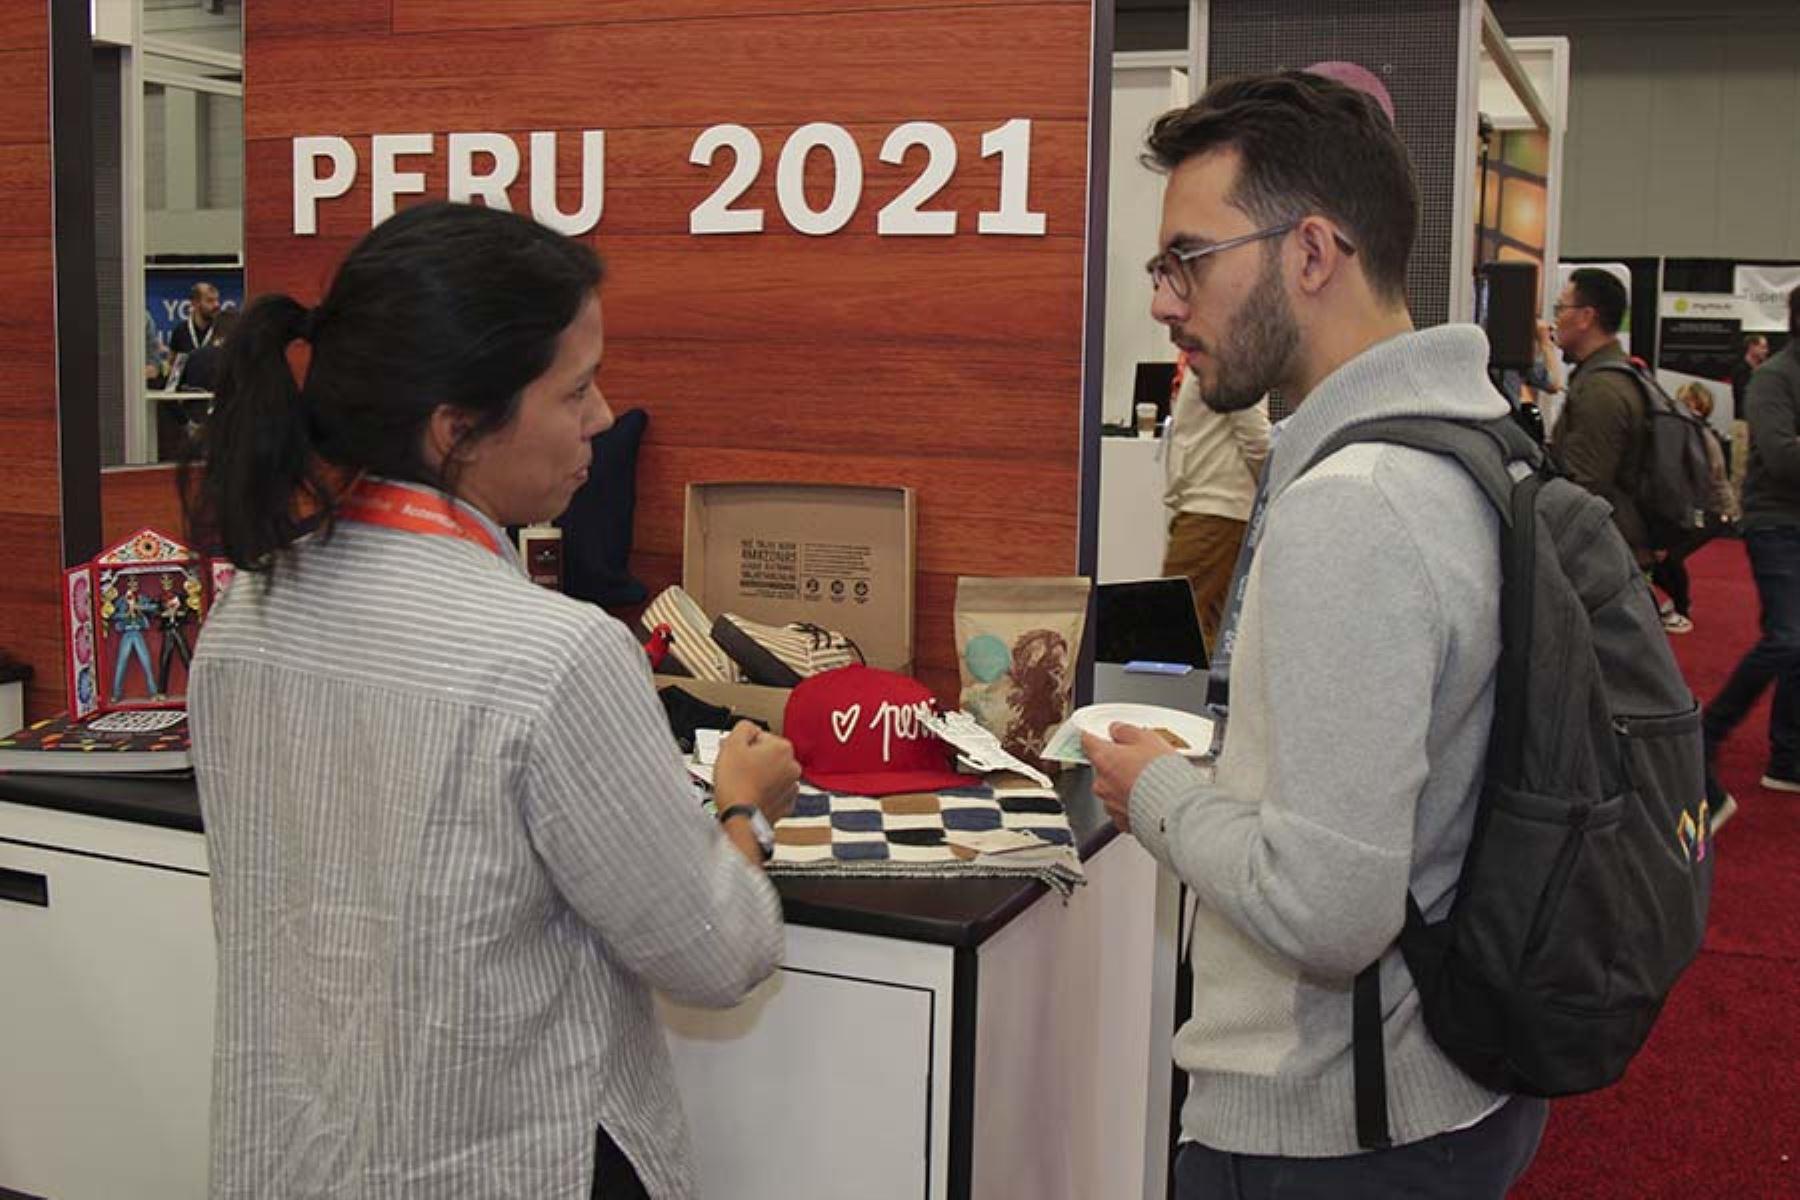 Perú 2021 ha creado el primer directorio emprendedor de innovación social para elevar las exportaciones de productos peruanos.  Foto: Promperú.